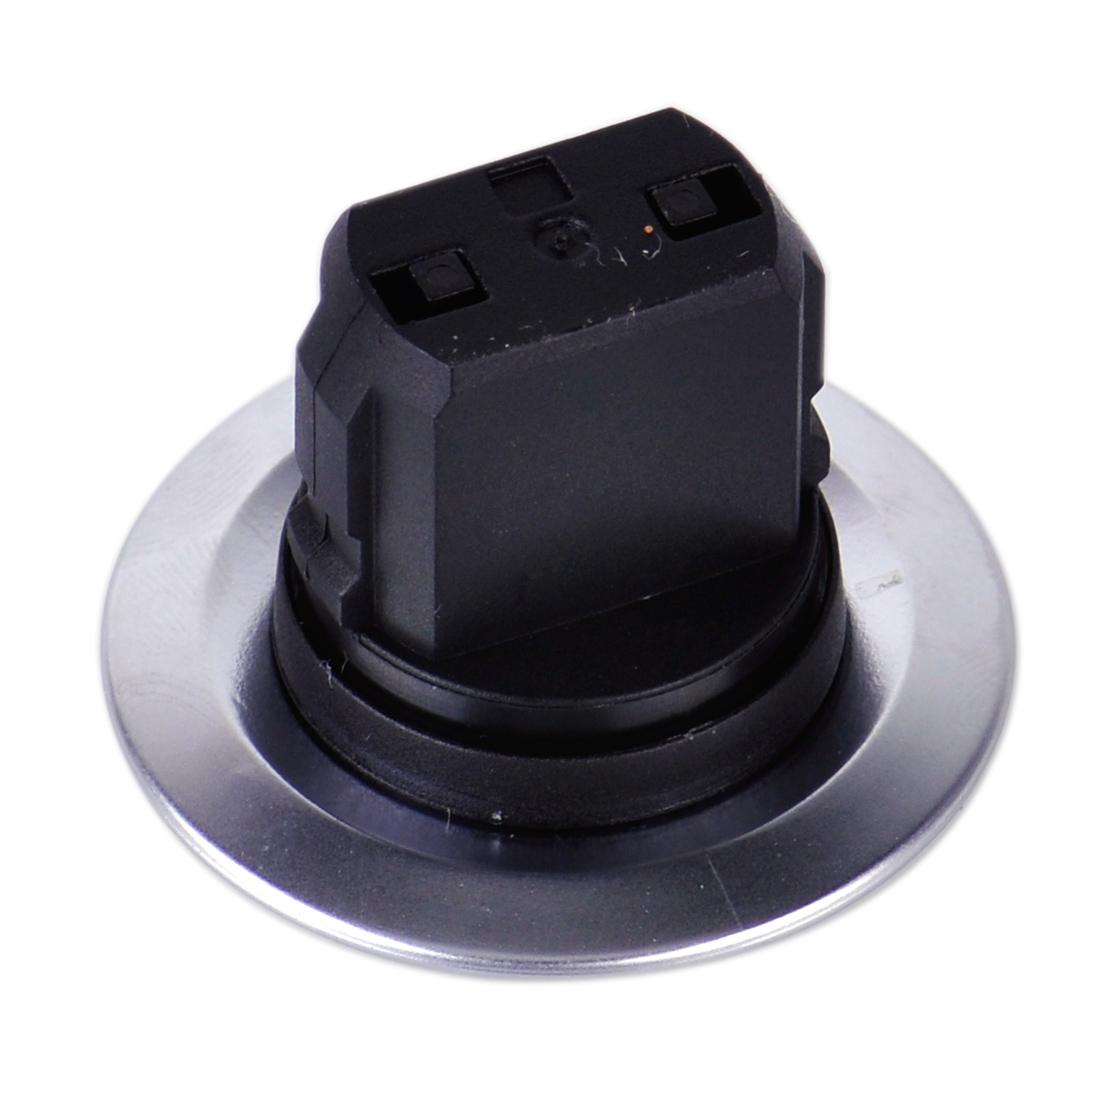 Keyless Go Button Engine Start Stop For Mercedes Benz Gl350 450 Ml350 2215450714 Ebay